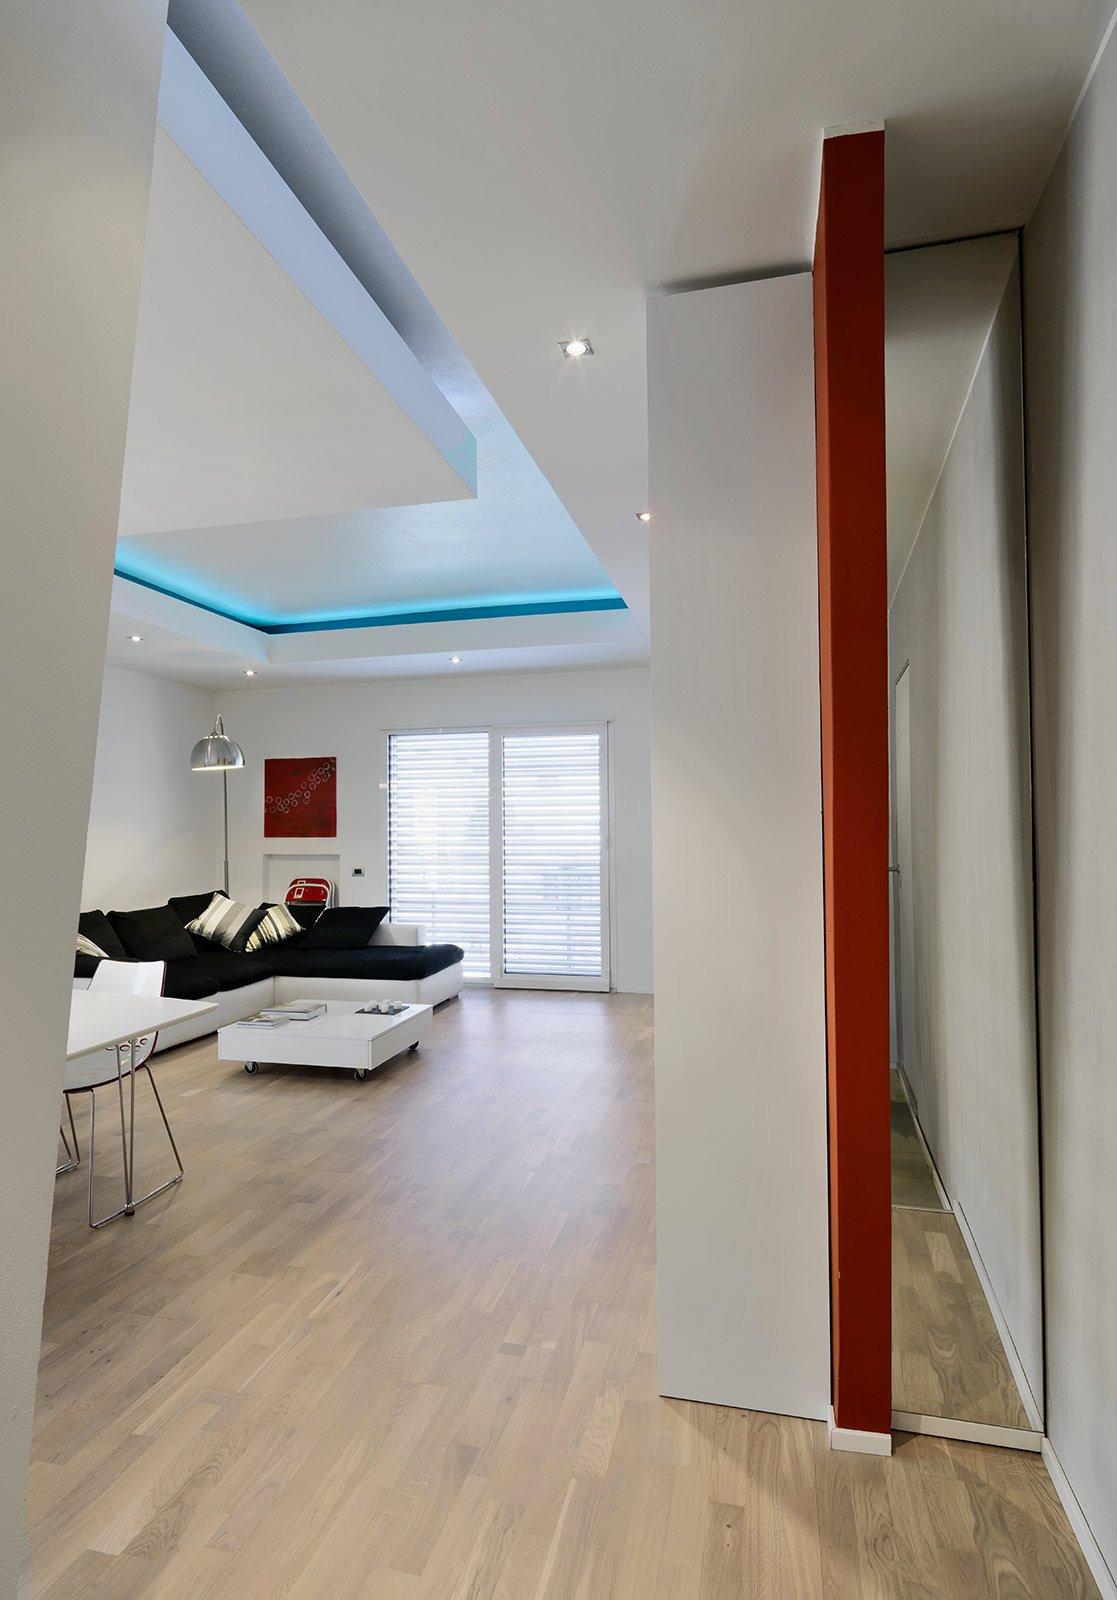 Una casa ristrutturata ridisegnando le prospettive interne for Immagini di soggiorni